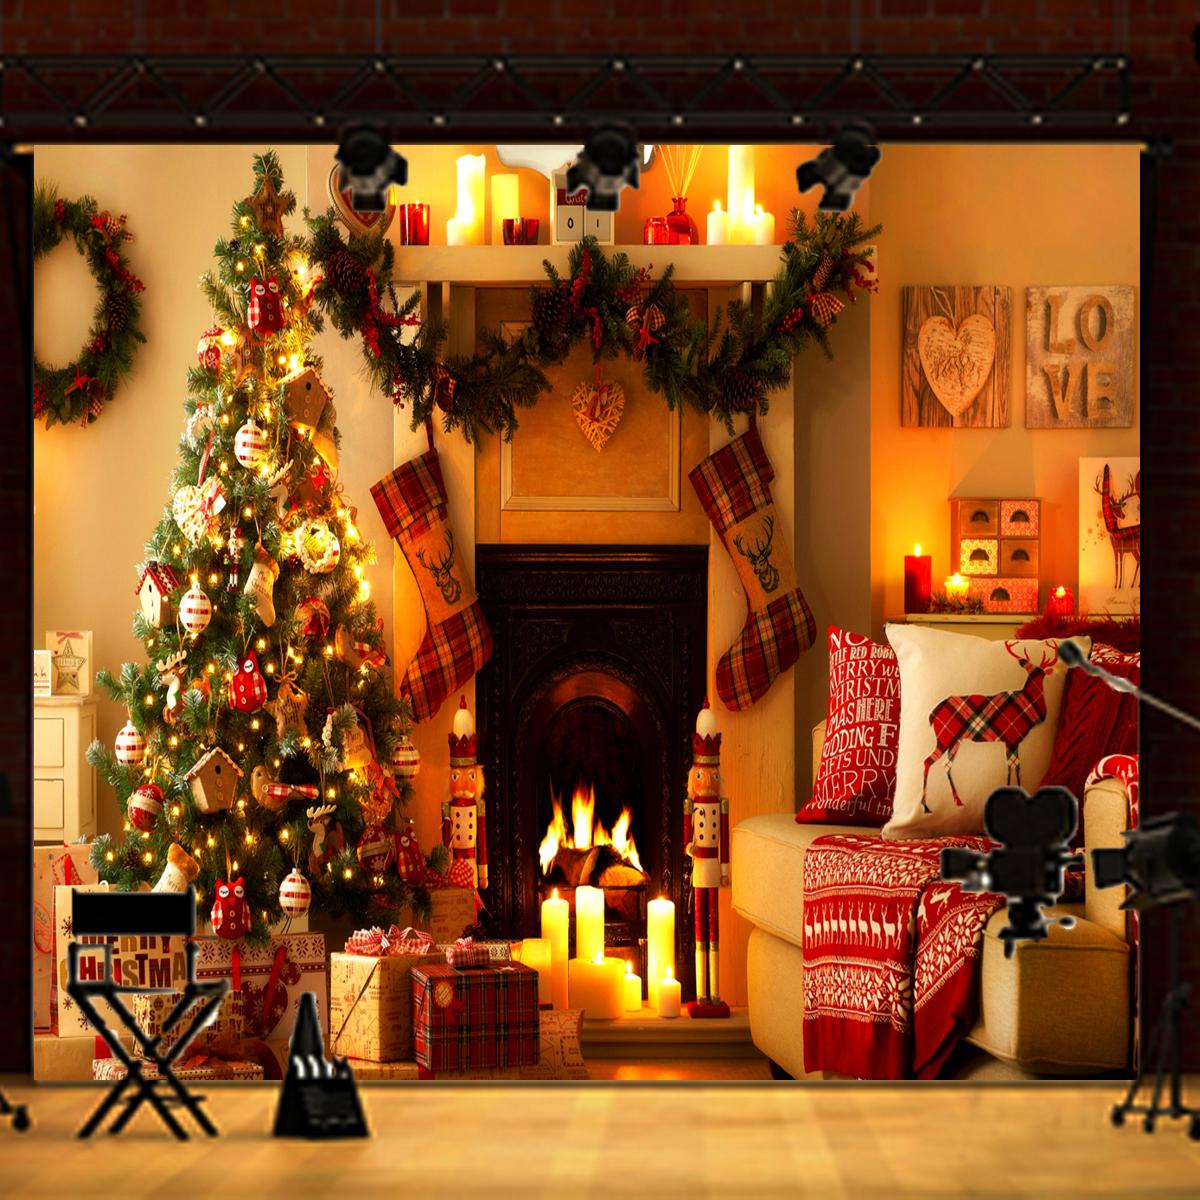 Vinyl szövet háttér fotózáshoz. Kandallót ábrázoló karácsonyi fotó háttér 2.1m x 1.5m 1217131